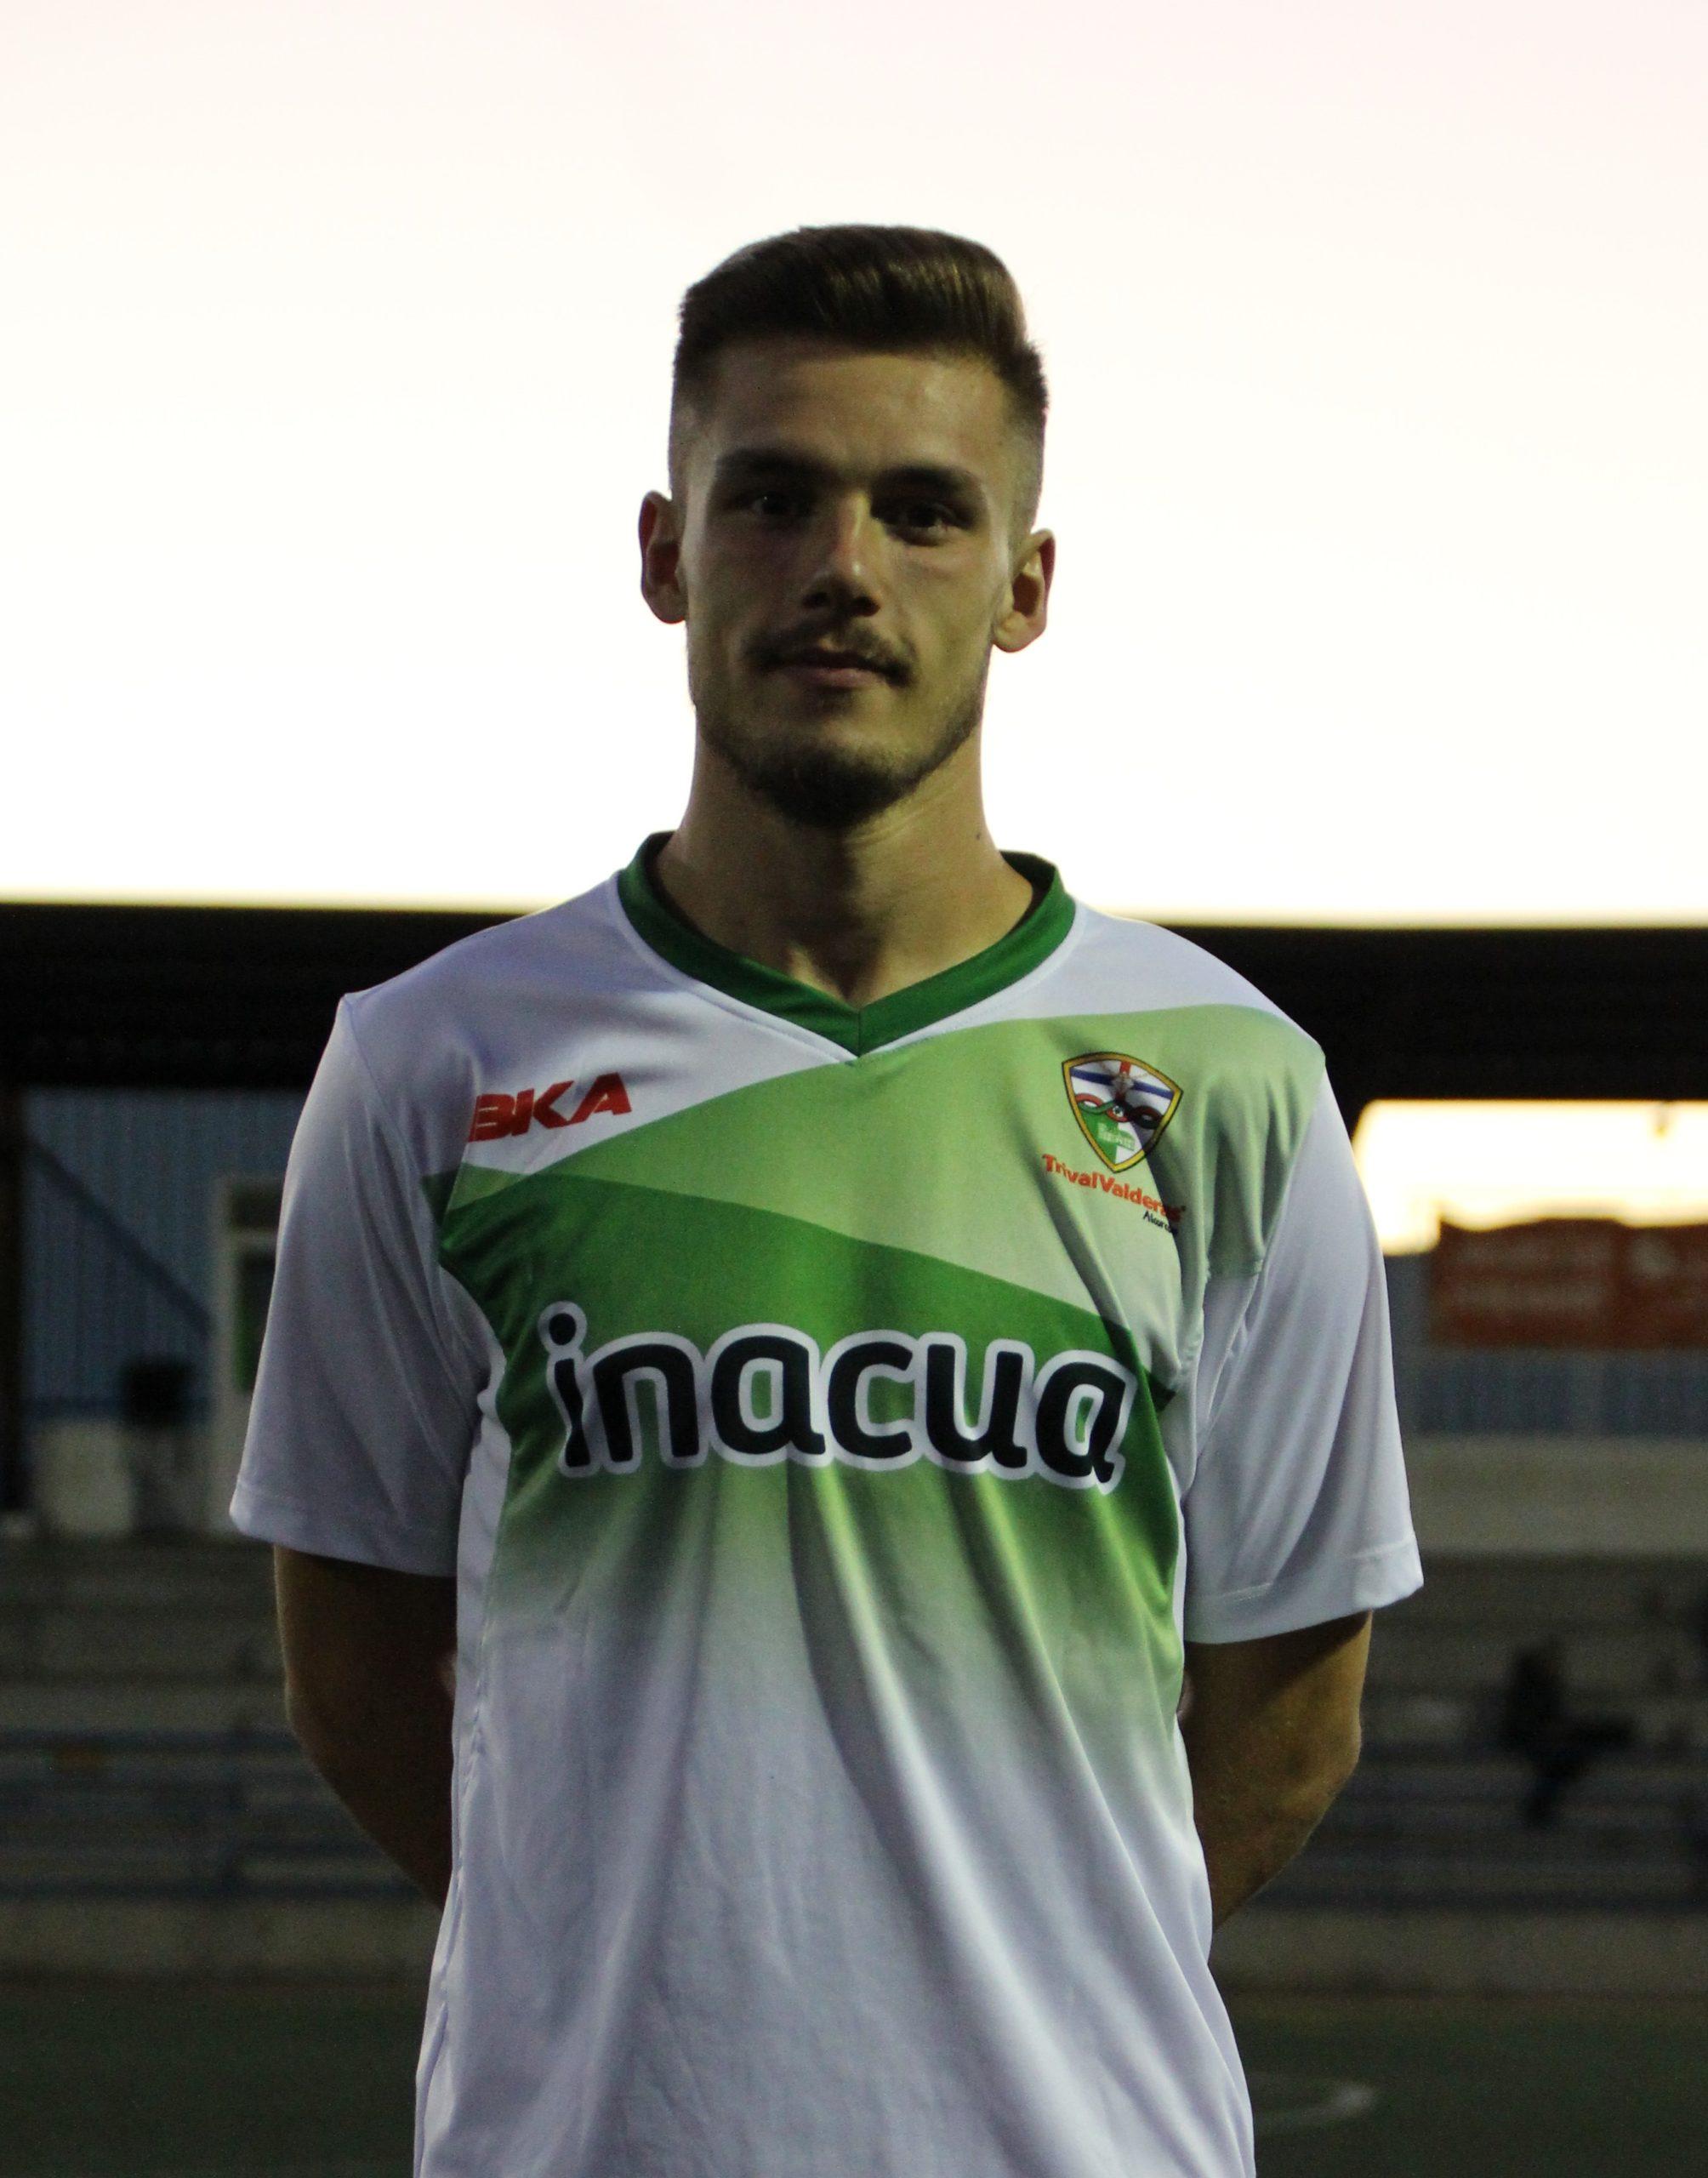 Alejandro Segura Díaz